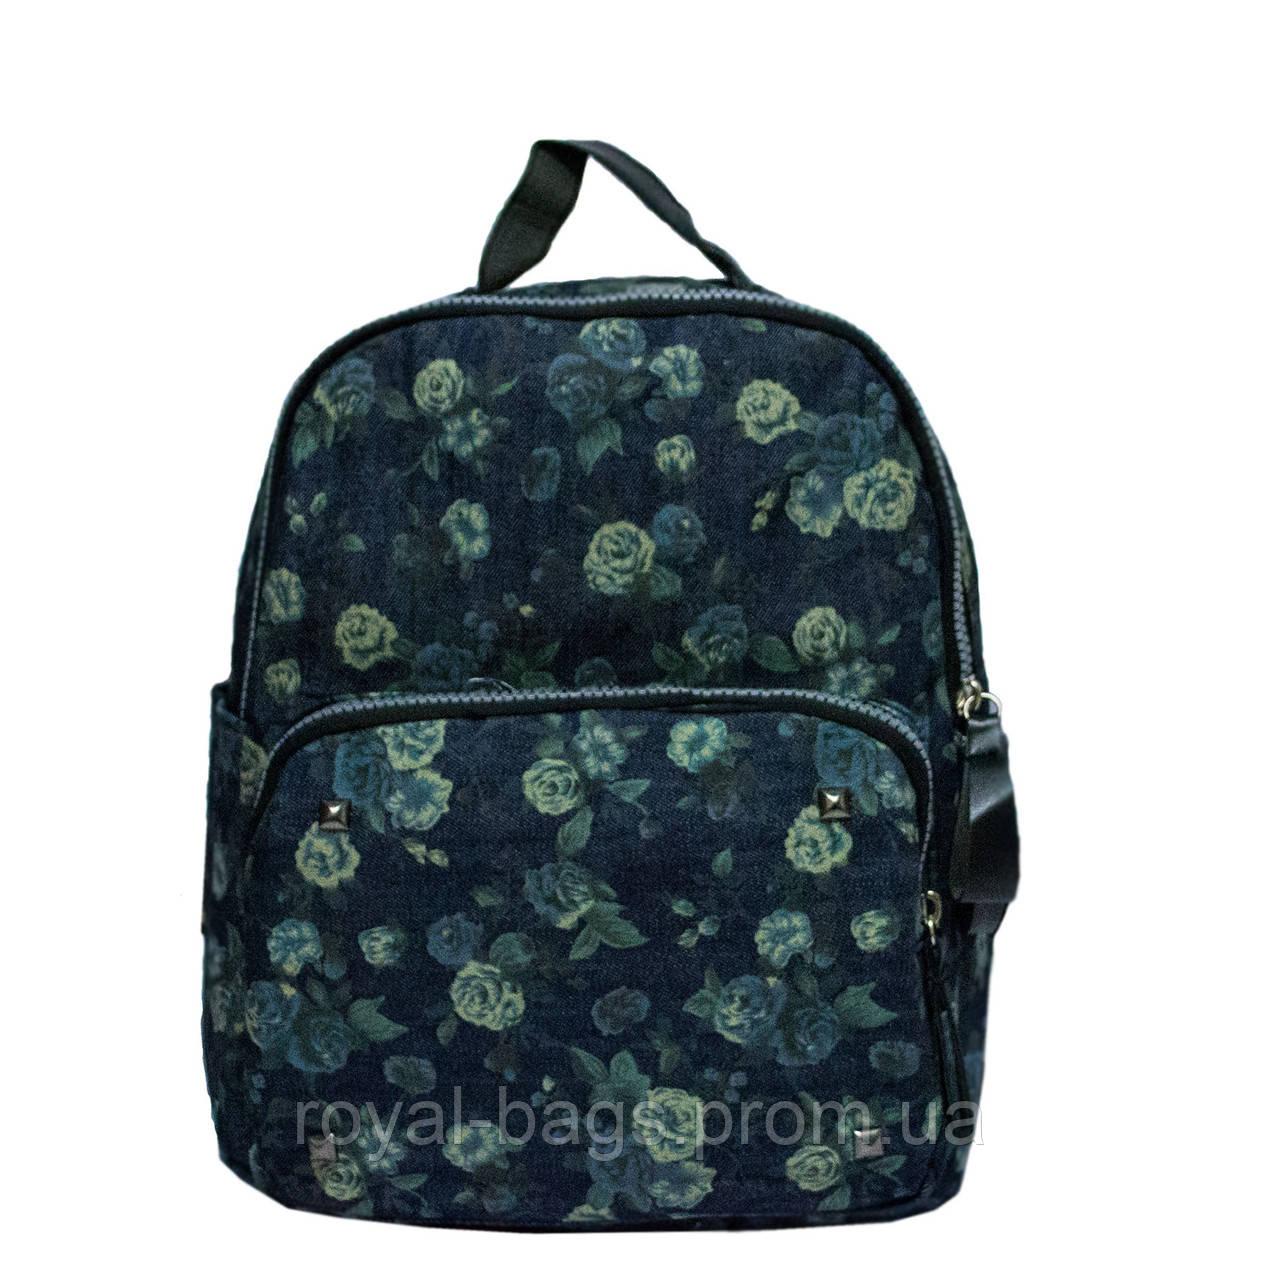 Джинсовый рюкзак с цветочным принтом 5 Рисунков (Зеленые розы)